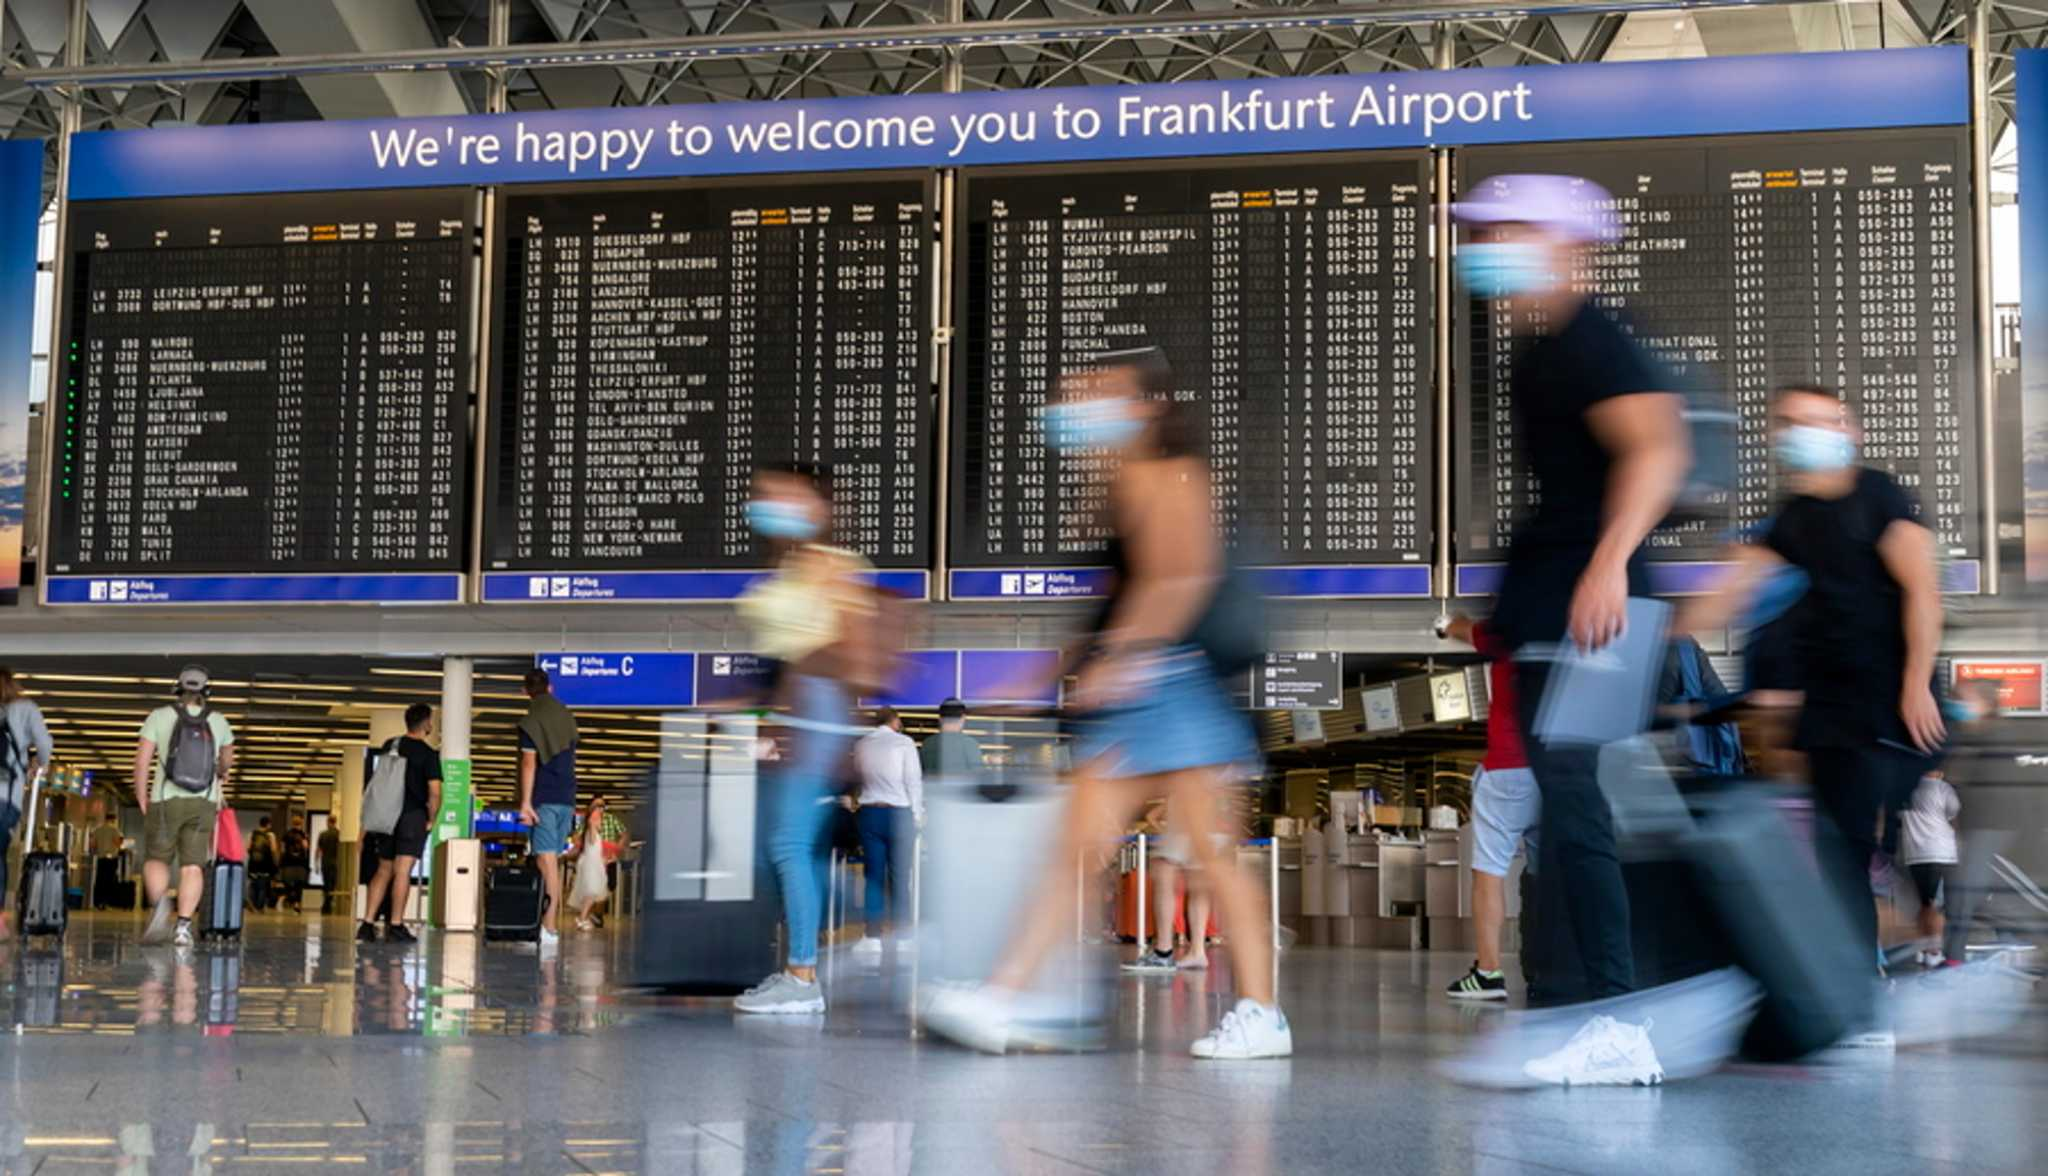 Γαλλία: Είσοδος χωρίς τεστ για τους εμβολιασμένους ταξιδιώτες – Ποιοι εξαιρούνται